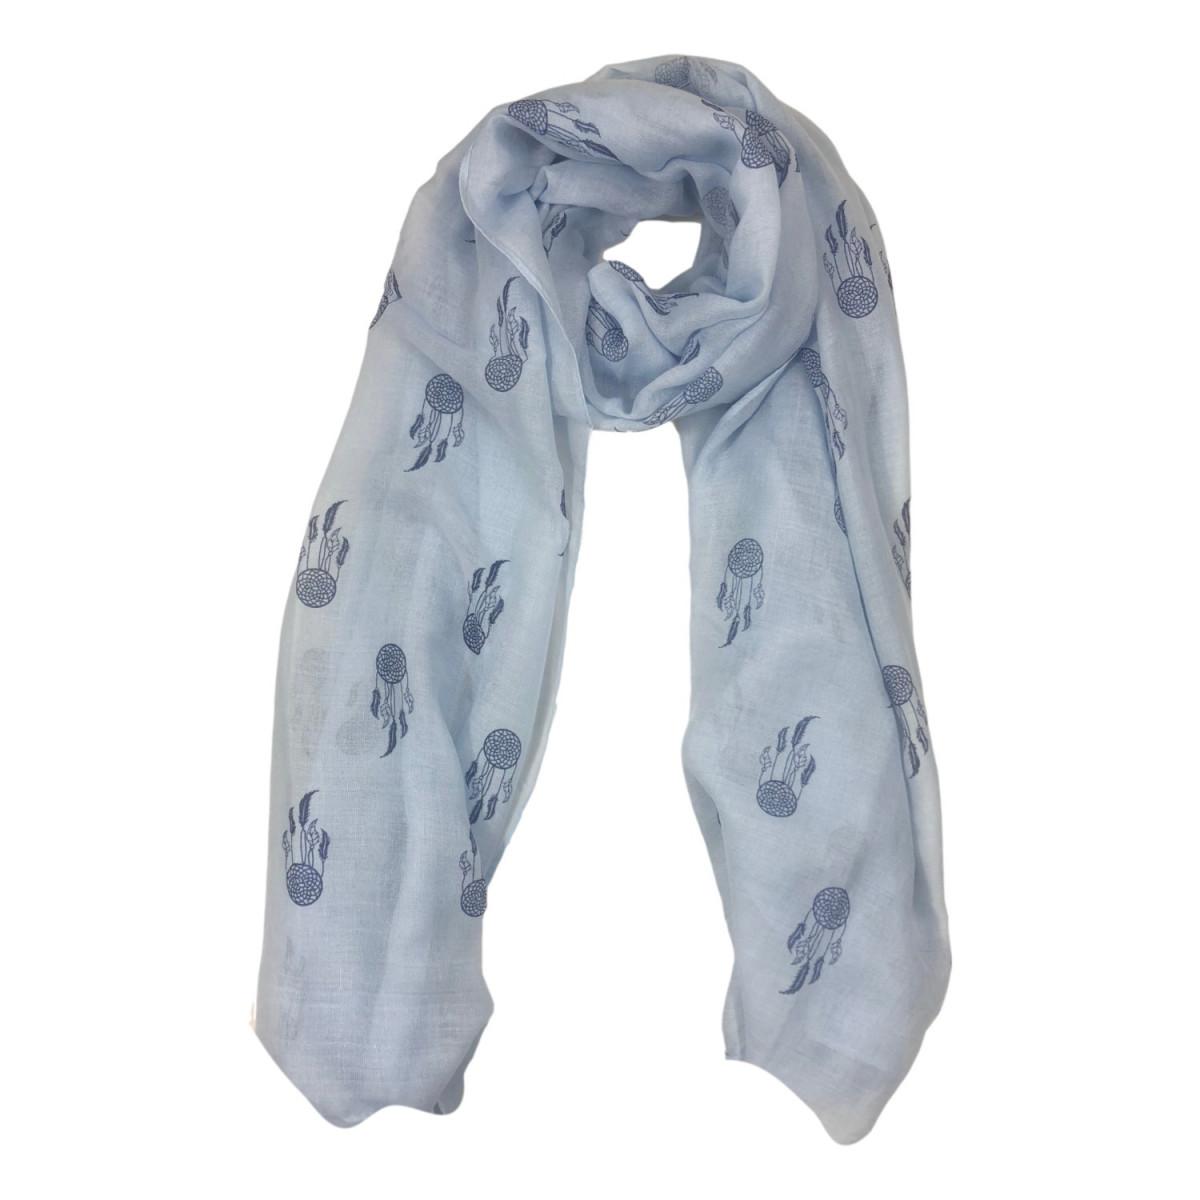 https://www.boutique-augustin.com/1722-thickbox/dreamcatcher-scarf.jpg